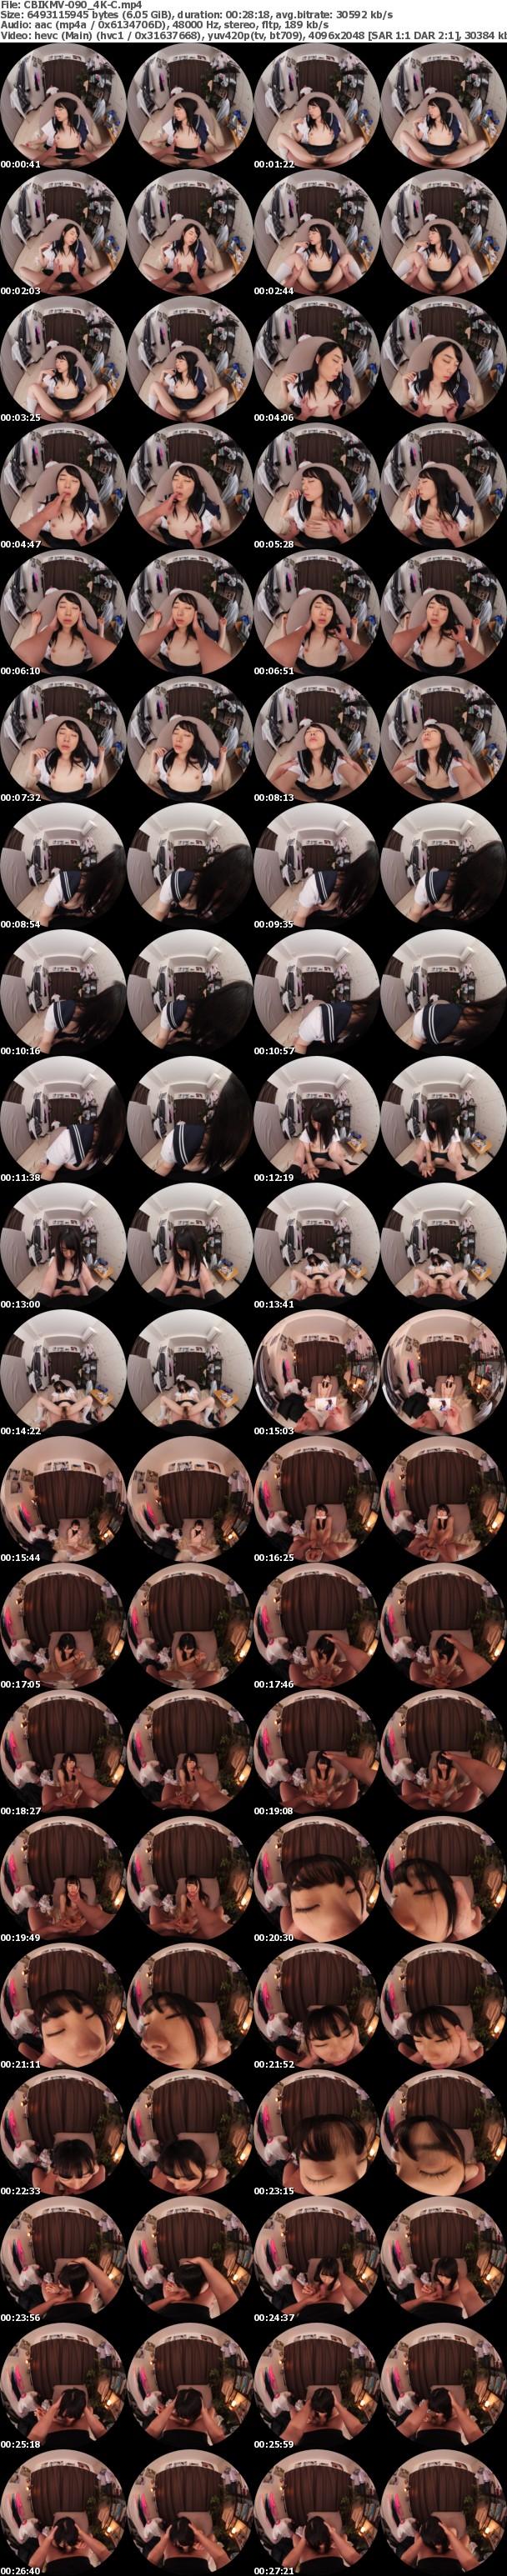 (VR) (4K) CBIKMV-090 ~清楚で可愛い女子校生に恋した僕はずっと妄想し続けた抑えきれない欲望を彼女のカラダで何度も何度も…~ 本田さとみ